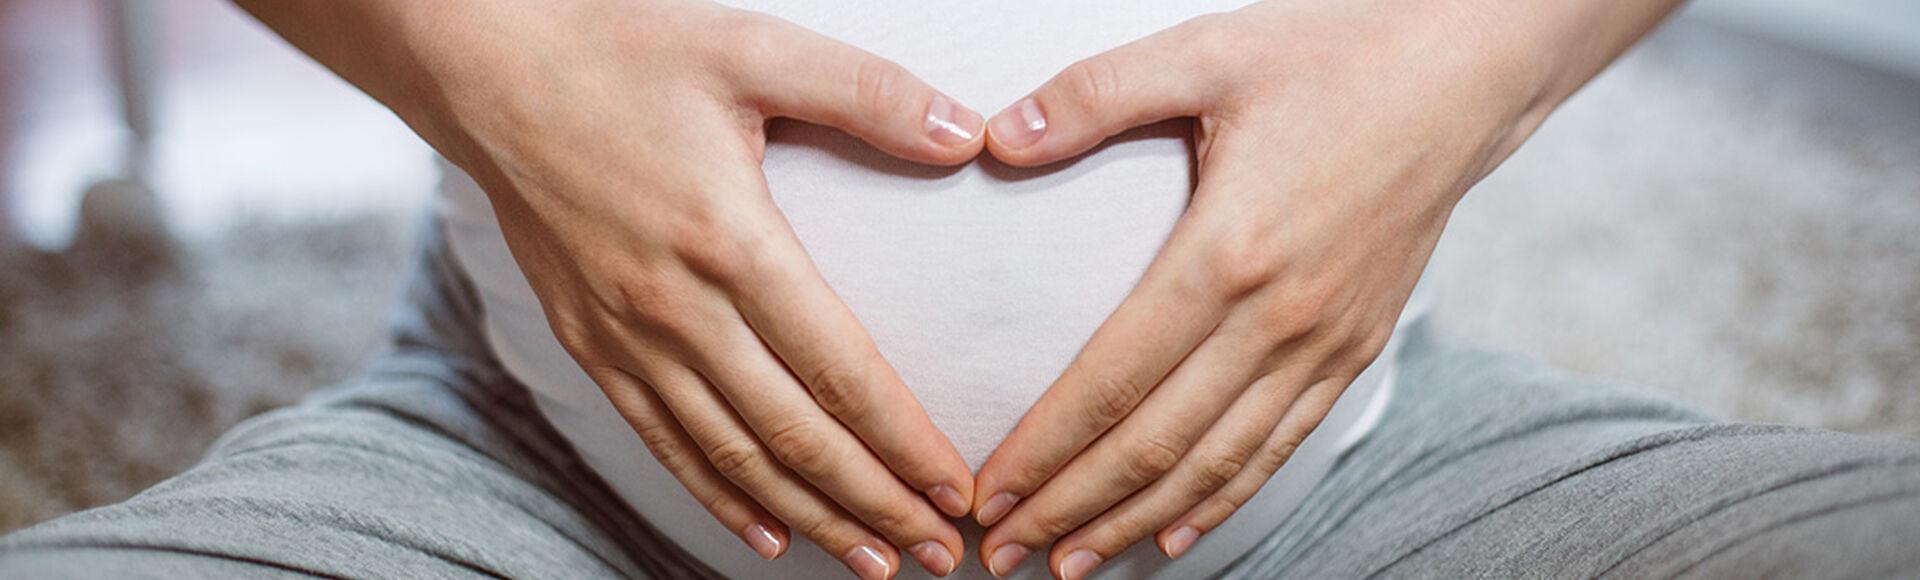 ¿Qué color es el flujo de una mujer embarazada?    Más Abrazos by Huggies